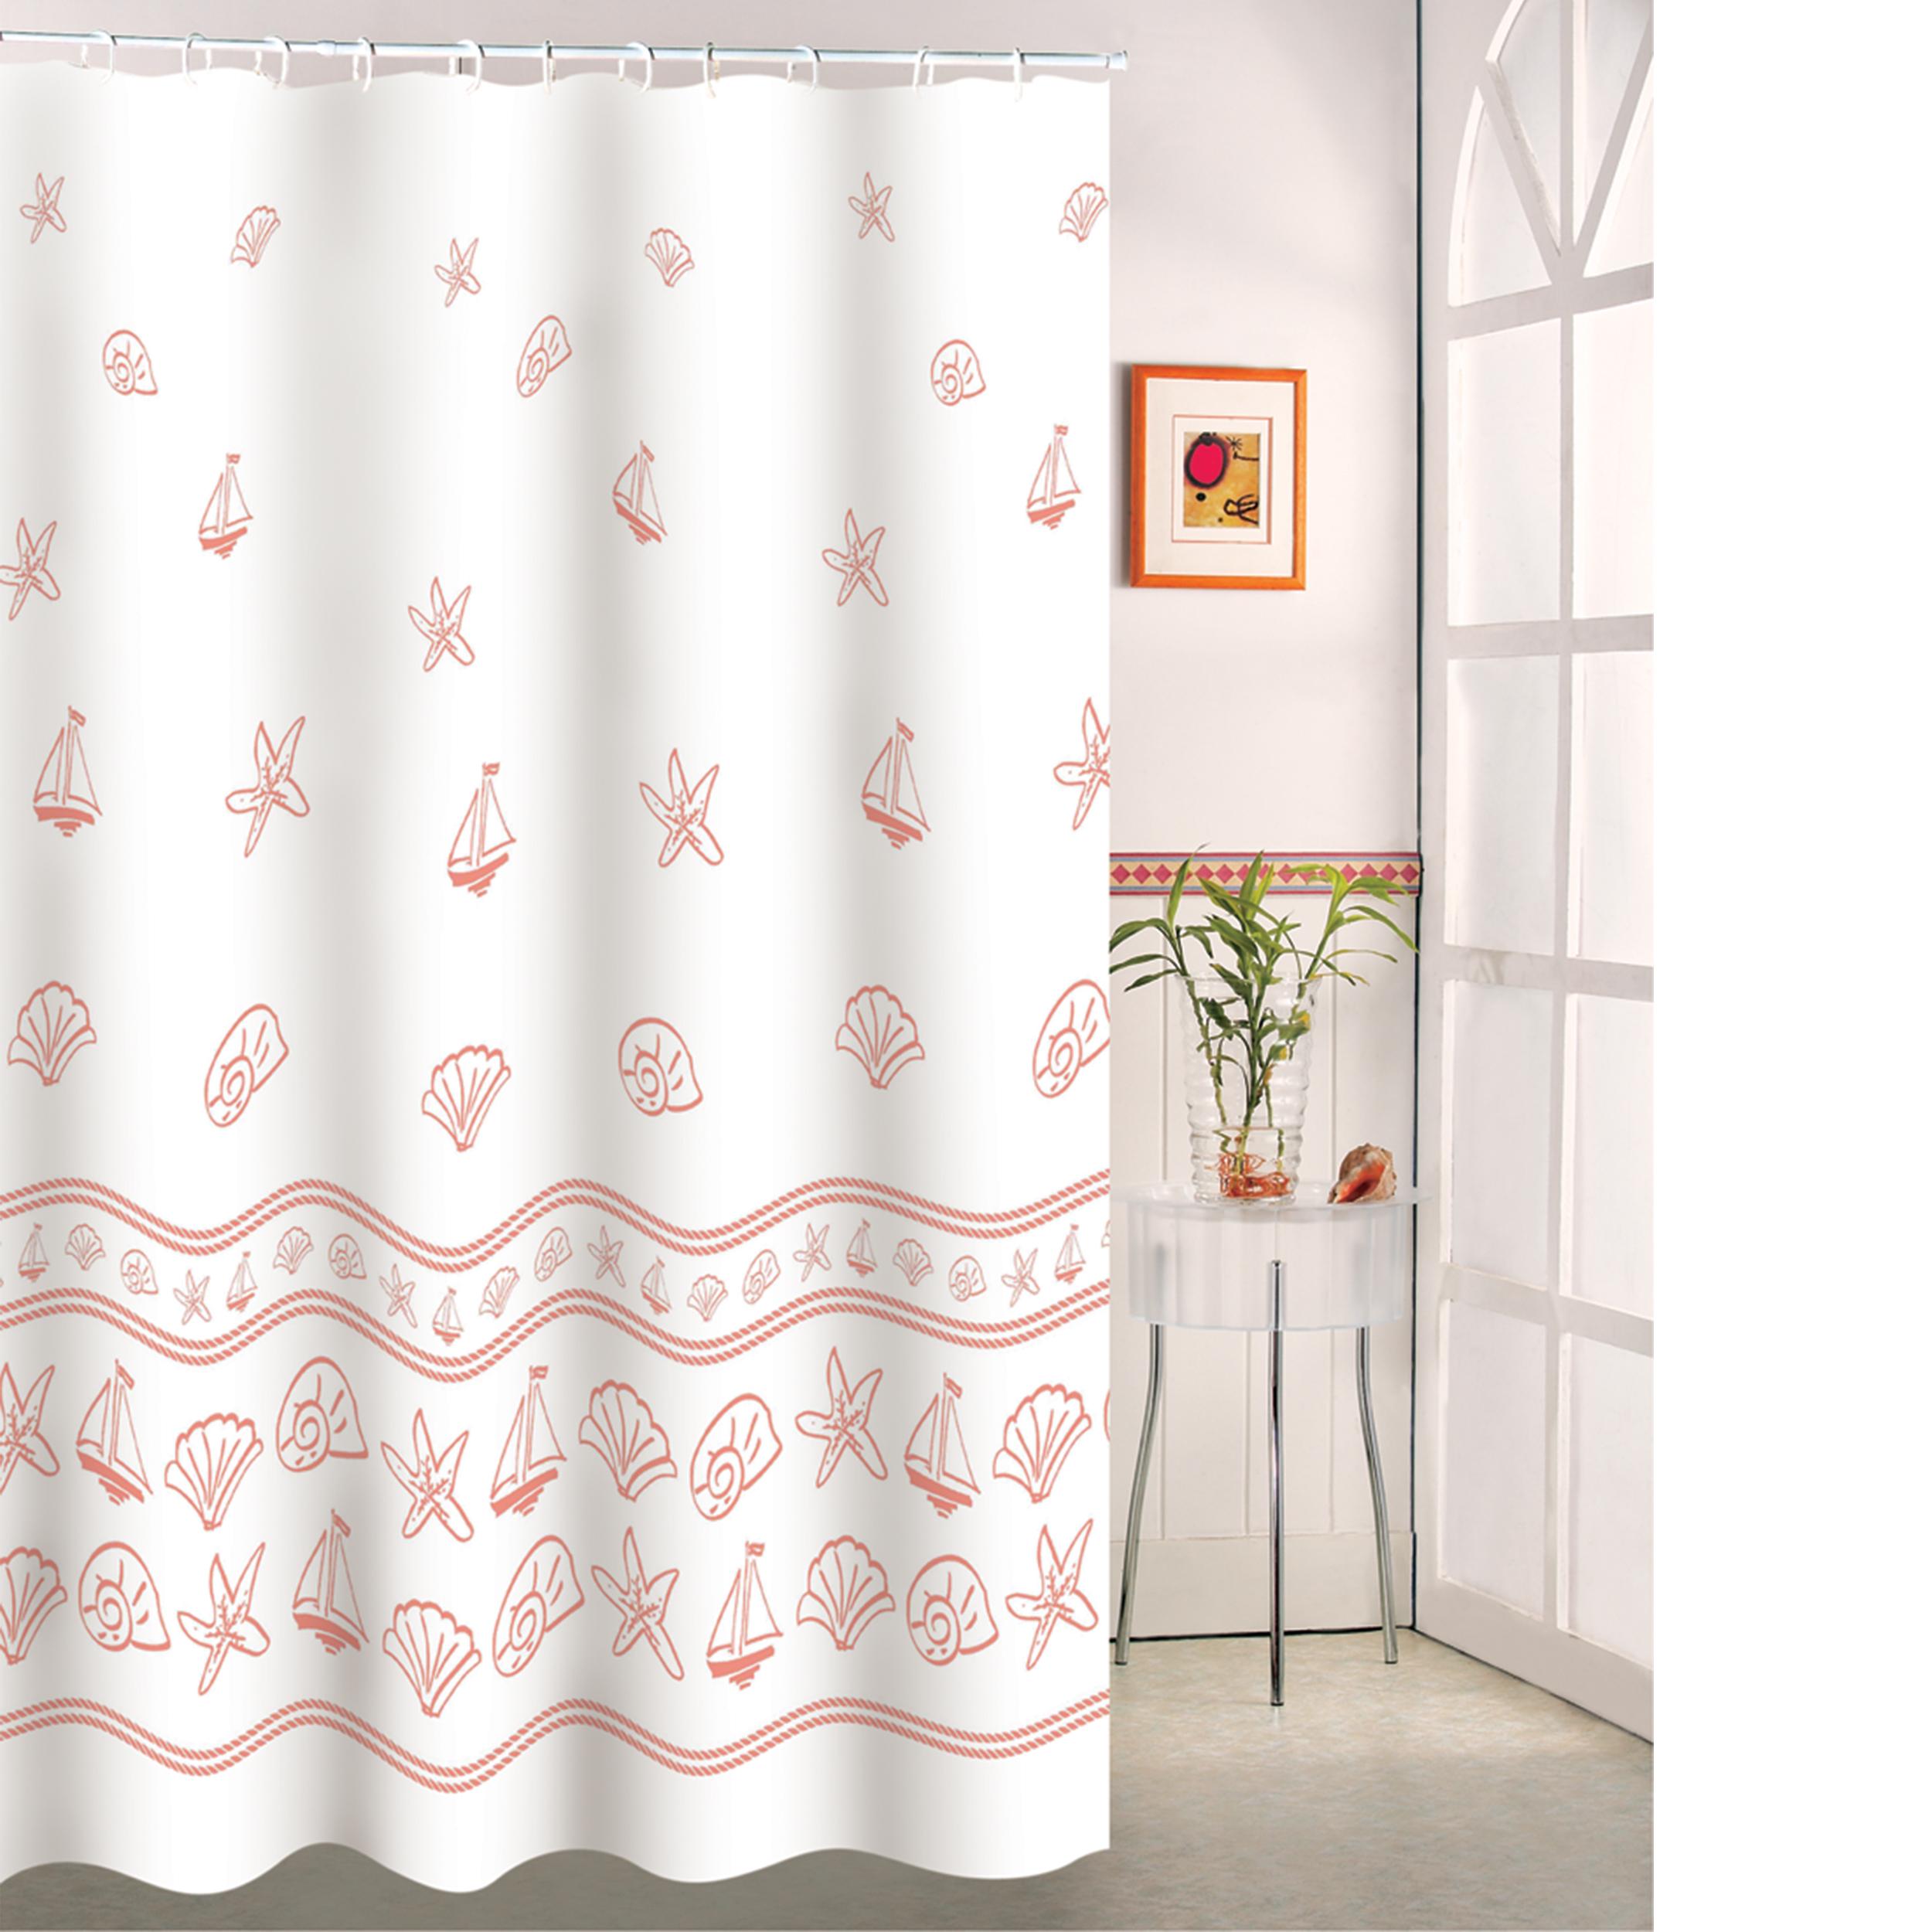 MSV Duschvorhang 180x200cm Anti Schimmel Textil Badewannenvorhang Wannenvorhang Muscheln-2